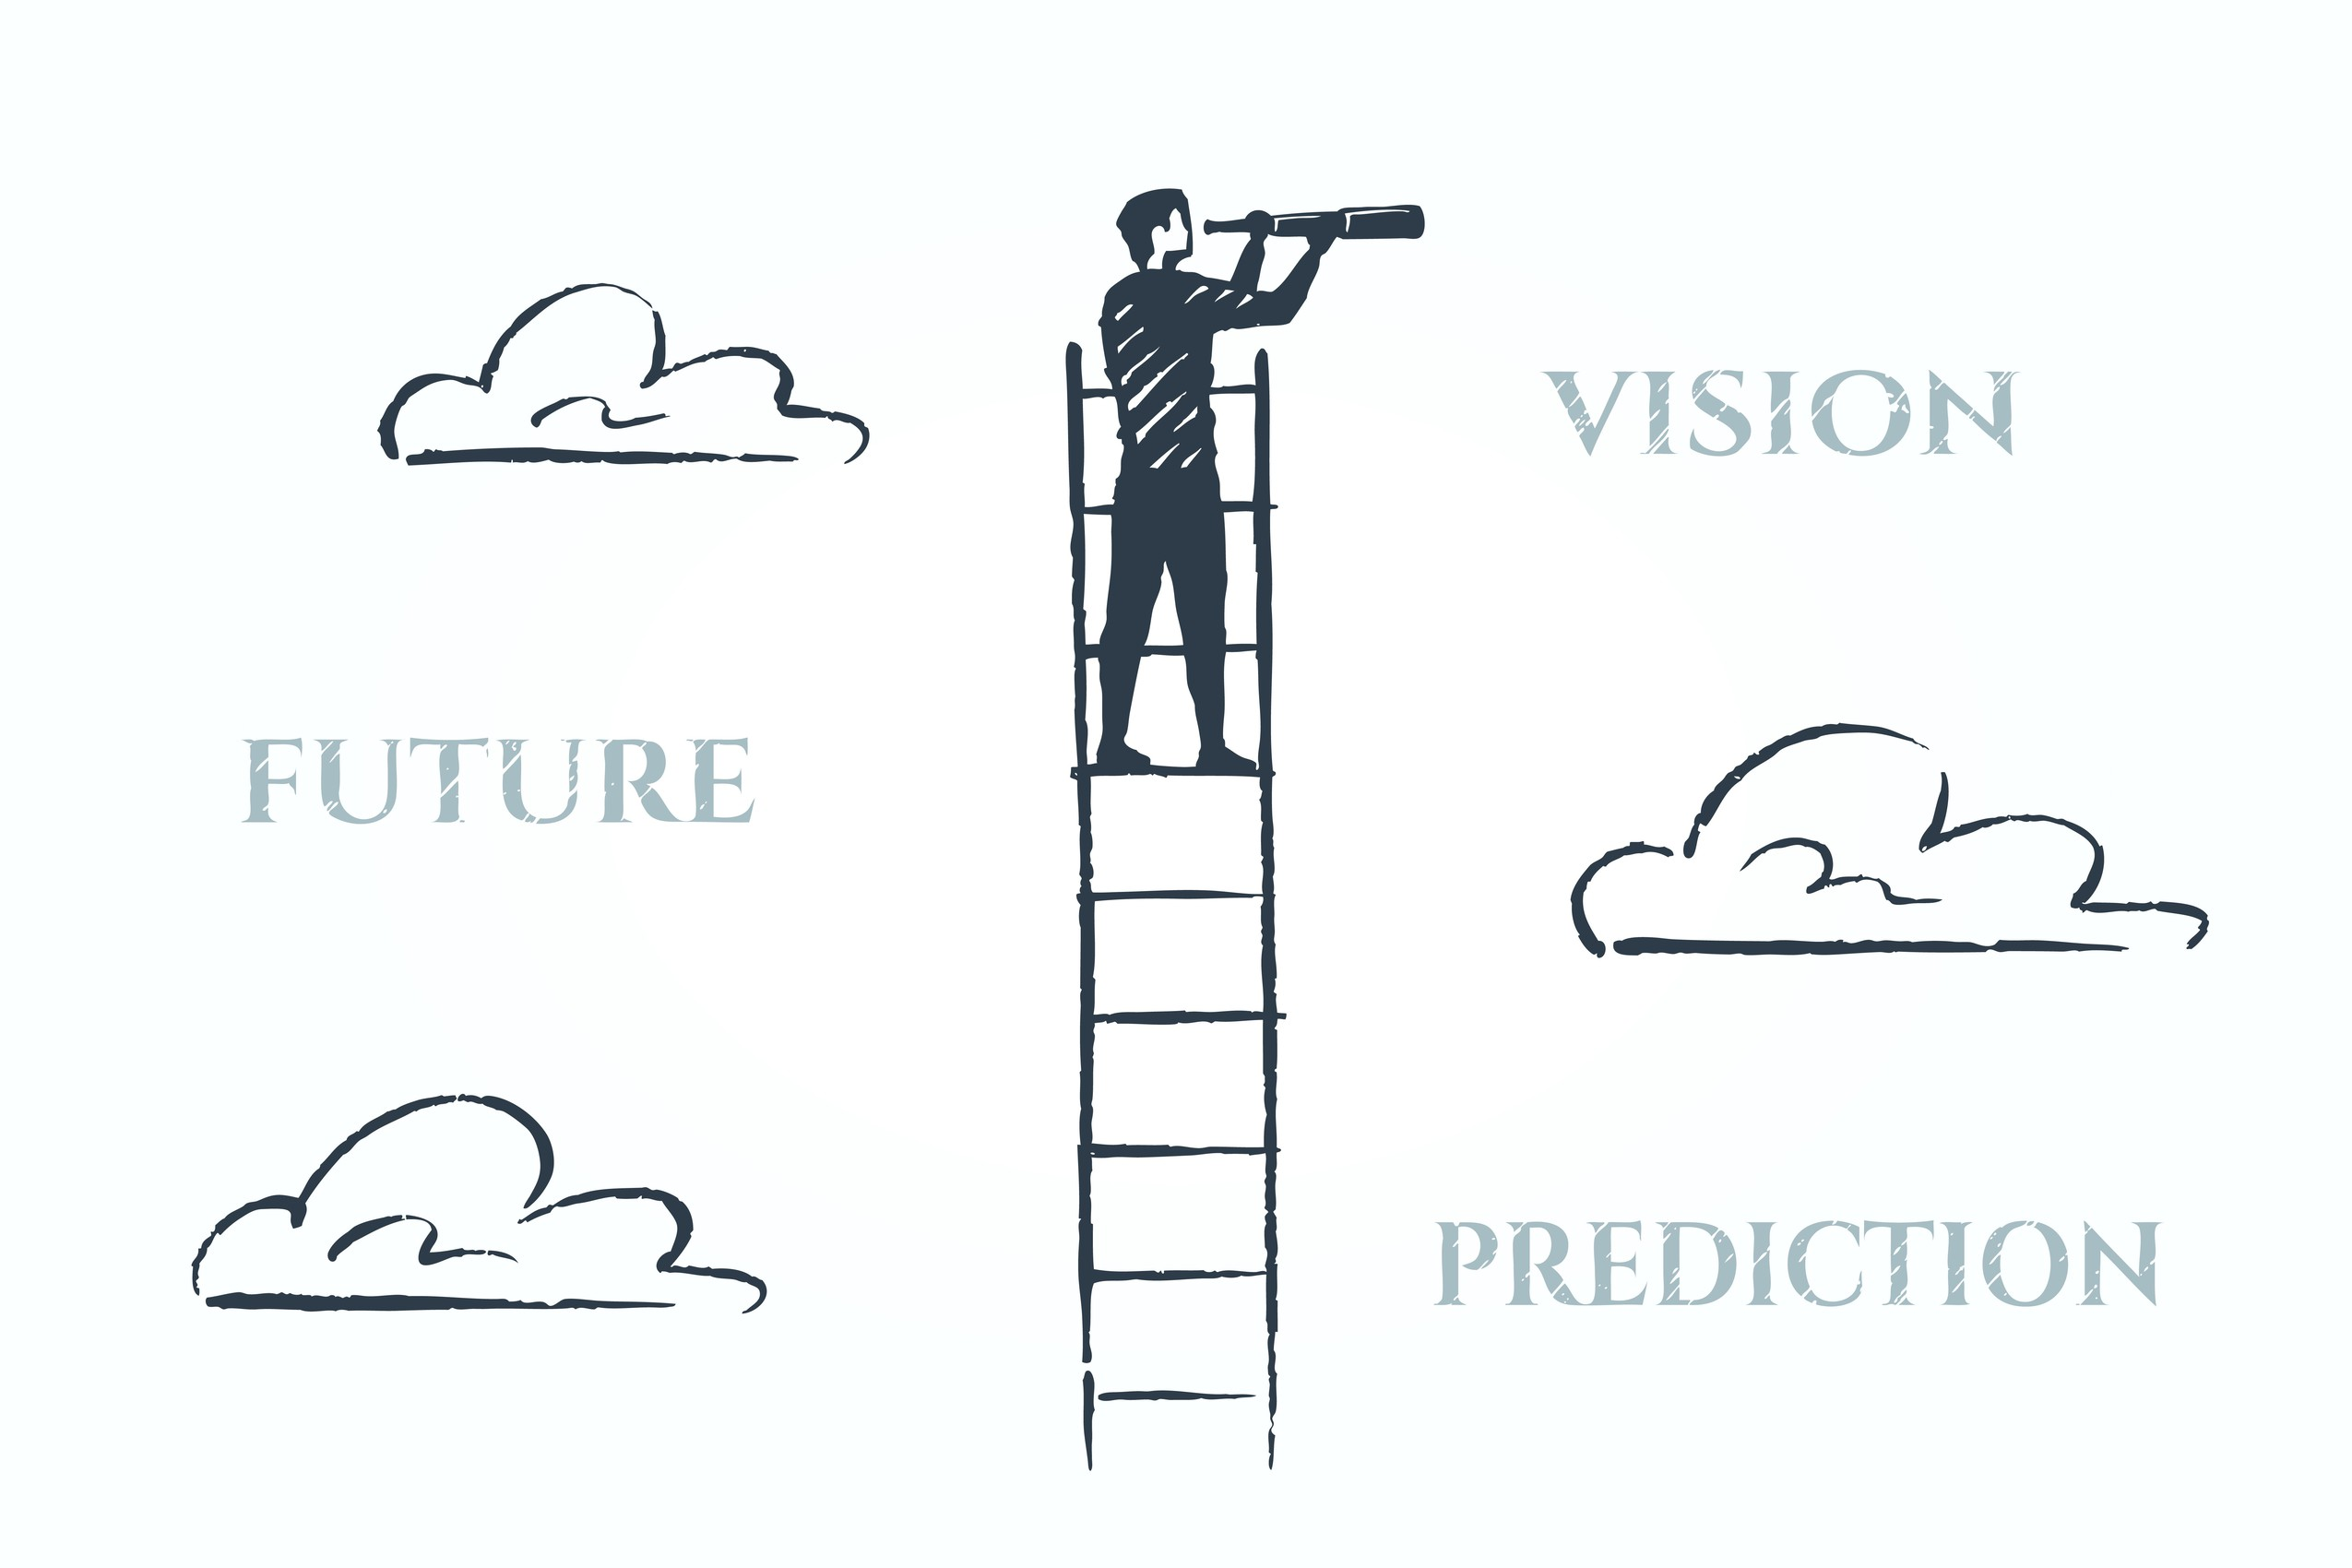 מה בין אסטרטגיה שיווקית לאסטרטגיה עסקית?